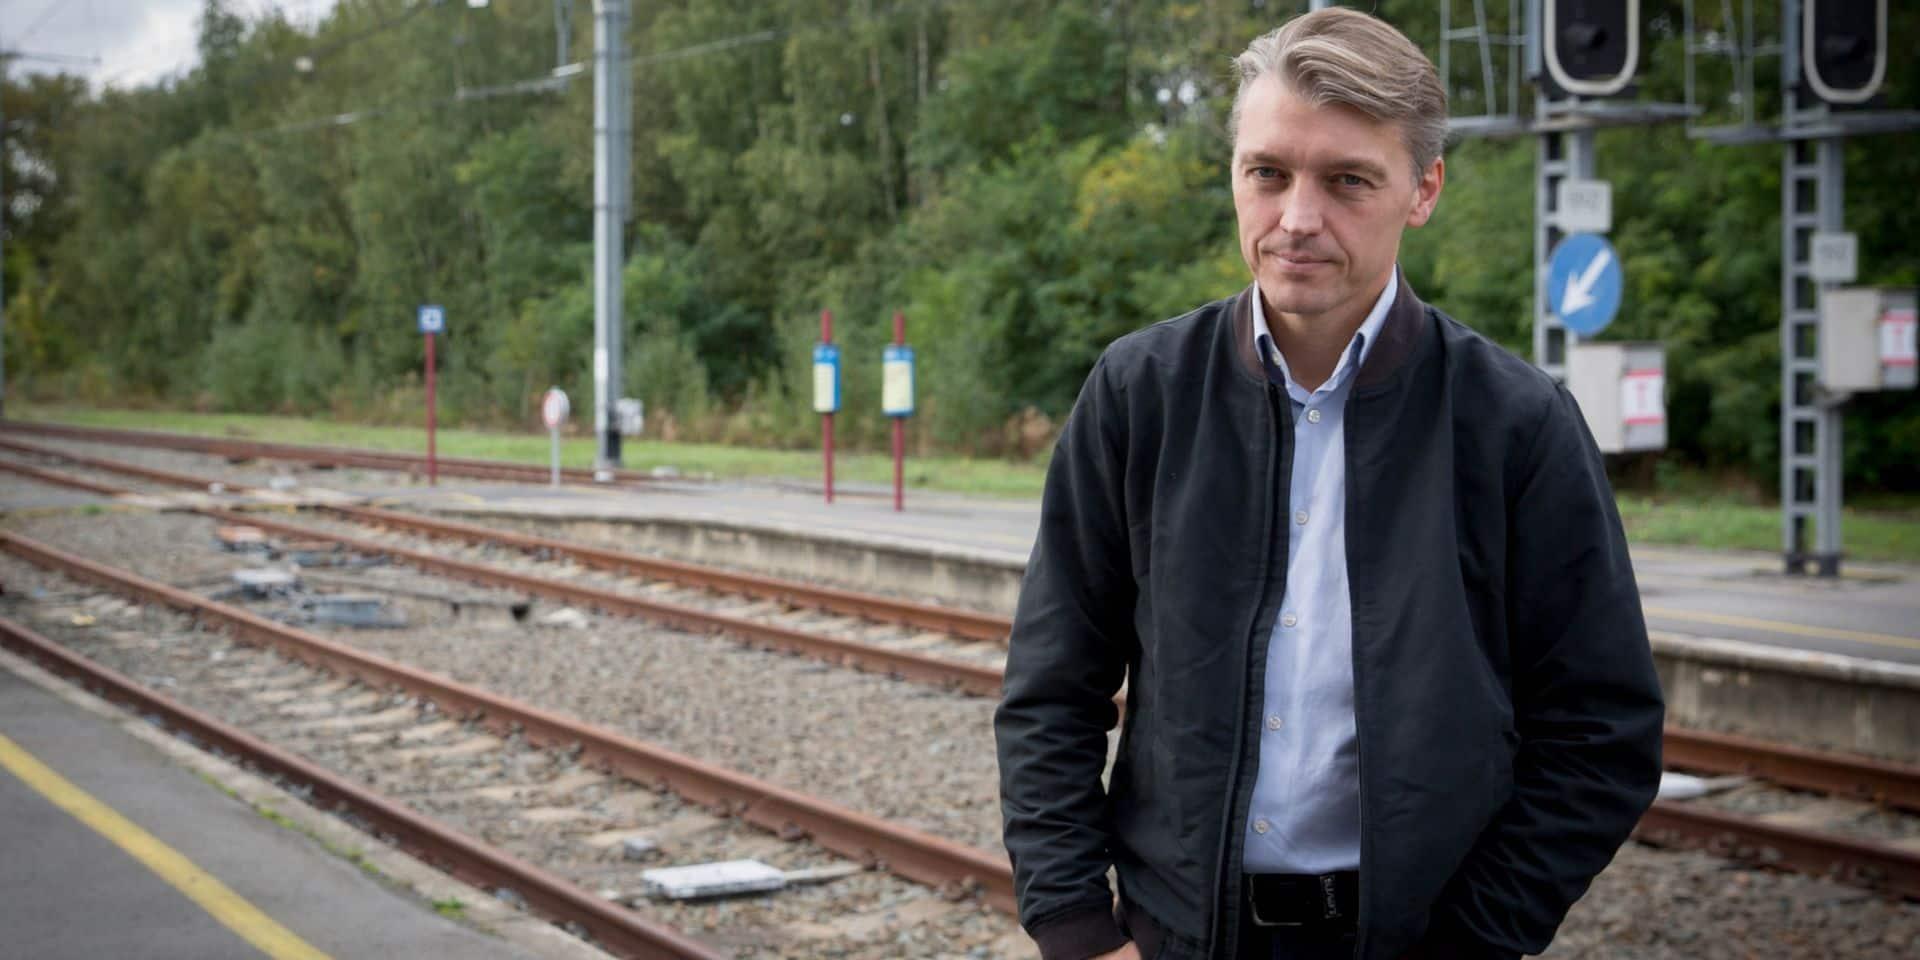 Ligne Mons-Valenciennes : Éric Thiebaut envisage de contacter Emmanuel Macron afin de faire avancer le dossier